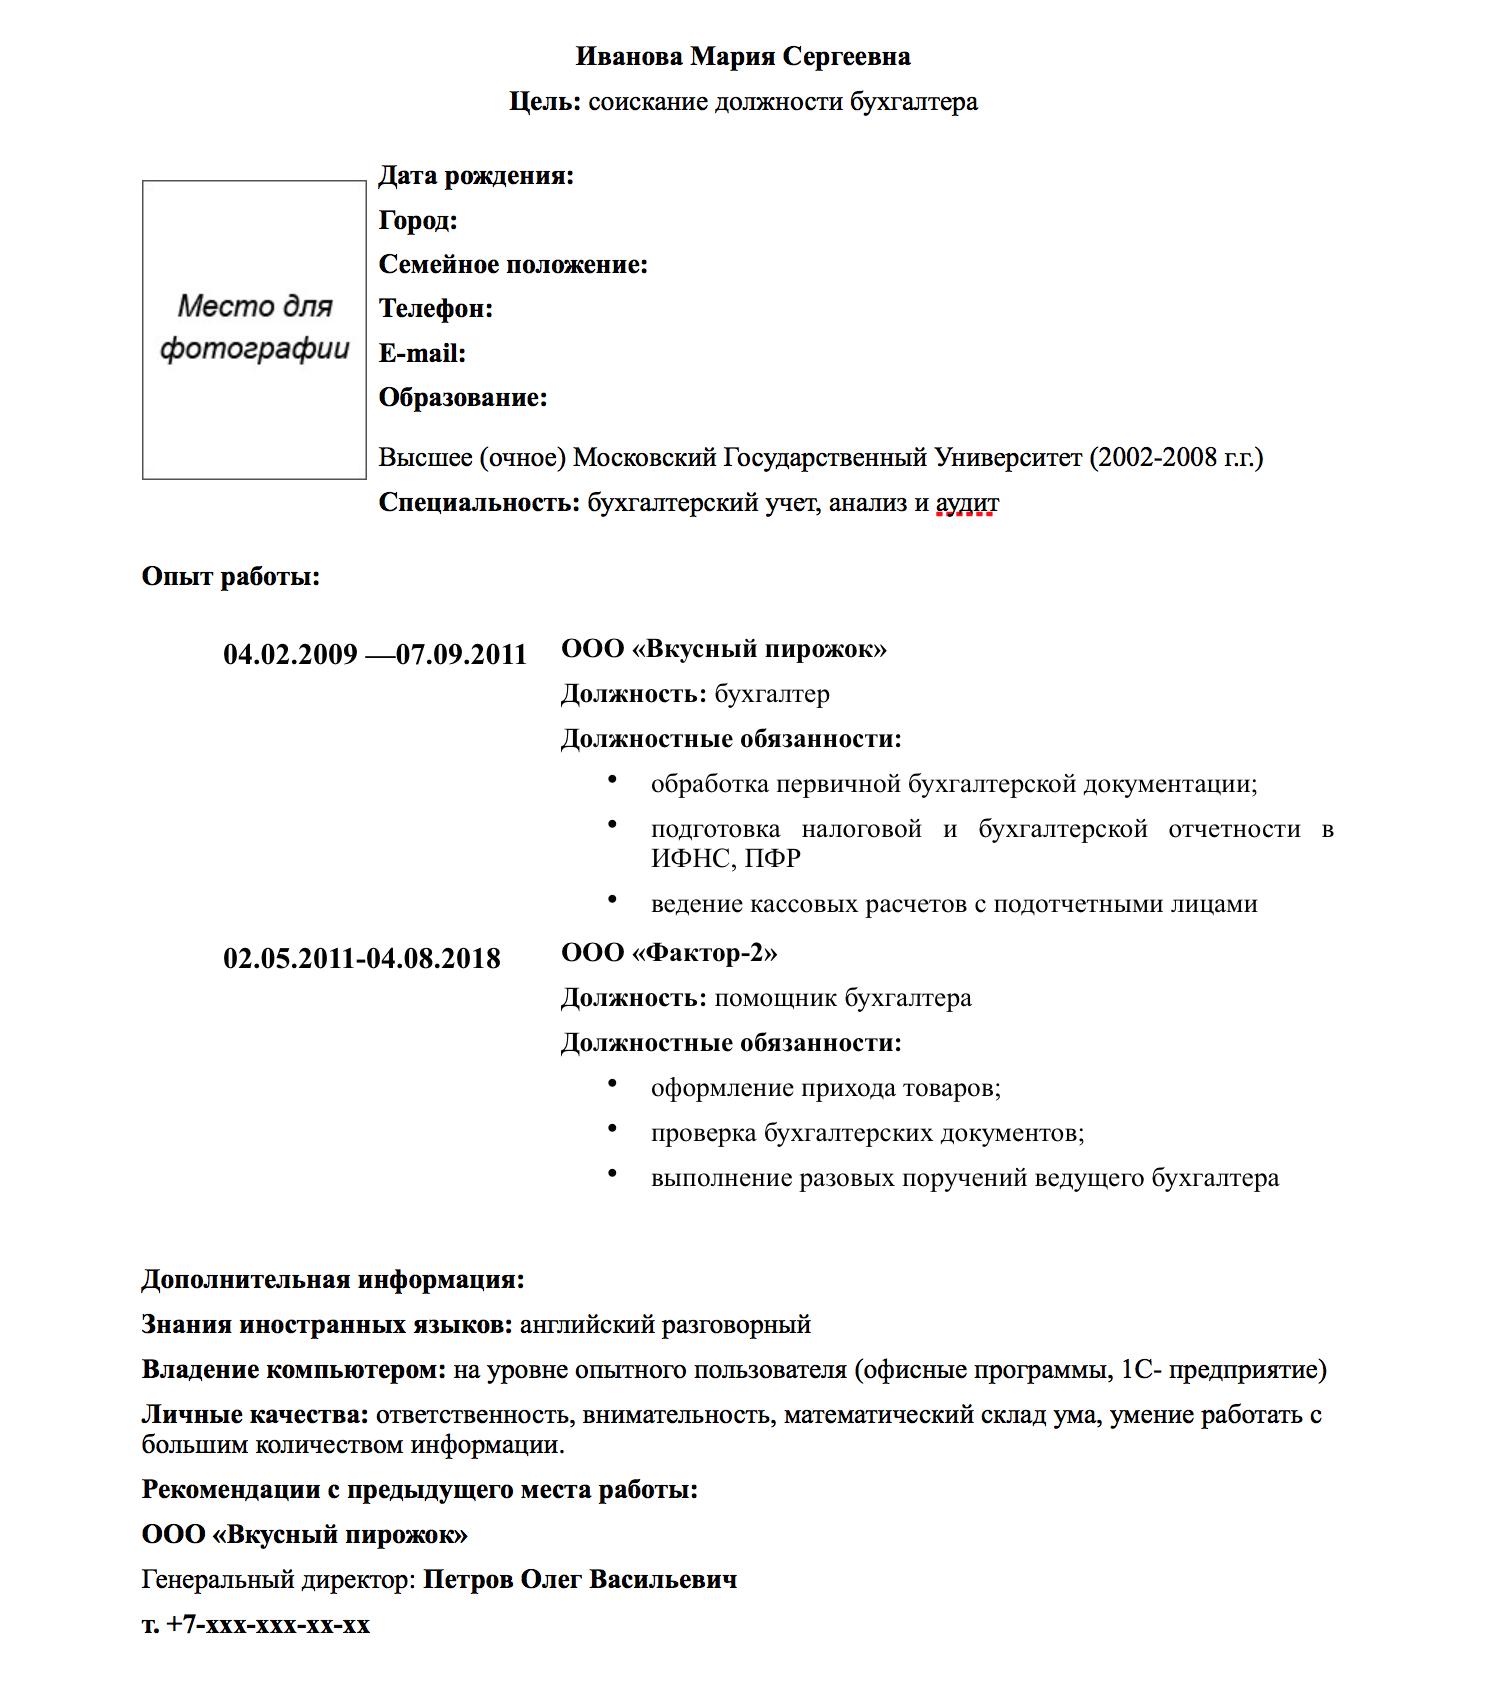 шаблон резюме бухгалтера